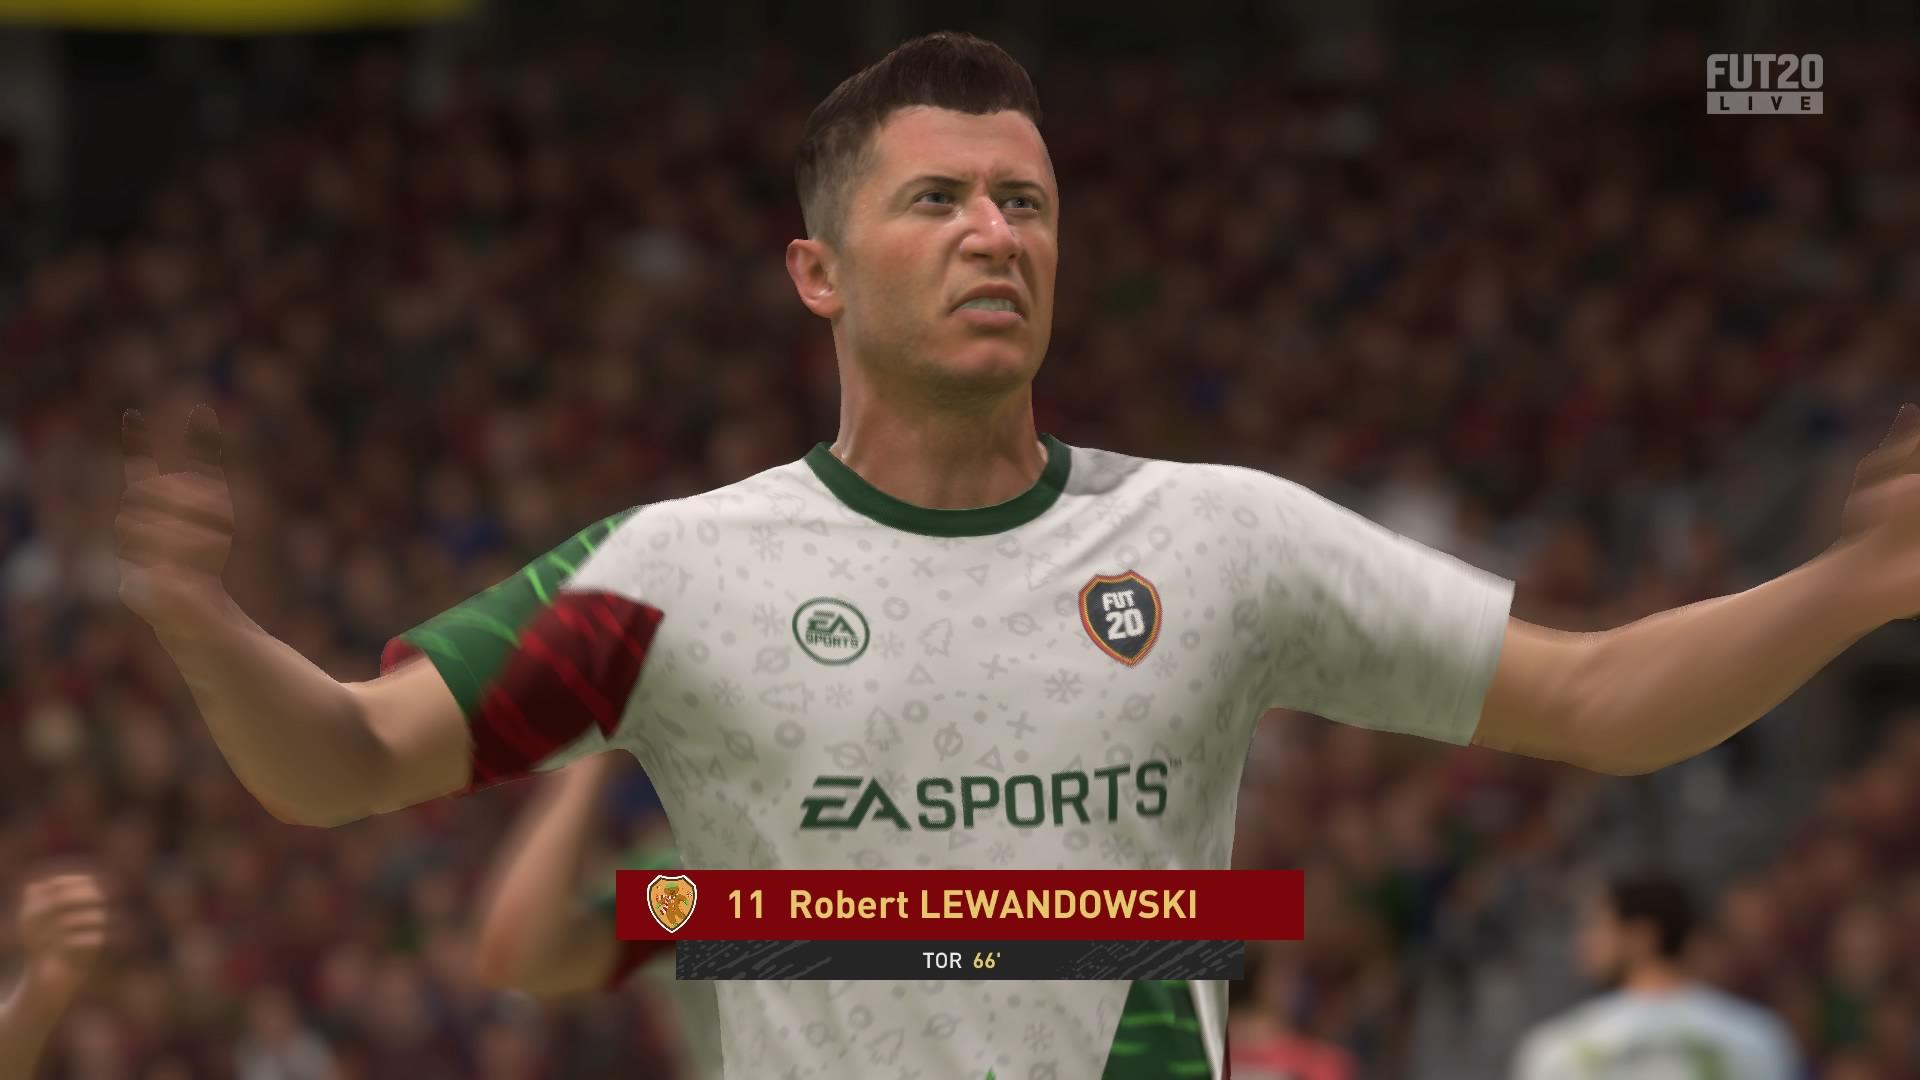 Aktionäre verweigern EA-Bossen ihre fetten Boni – Trotz Milliarden von FIFA 20